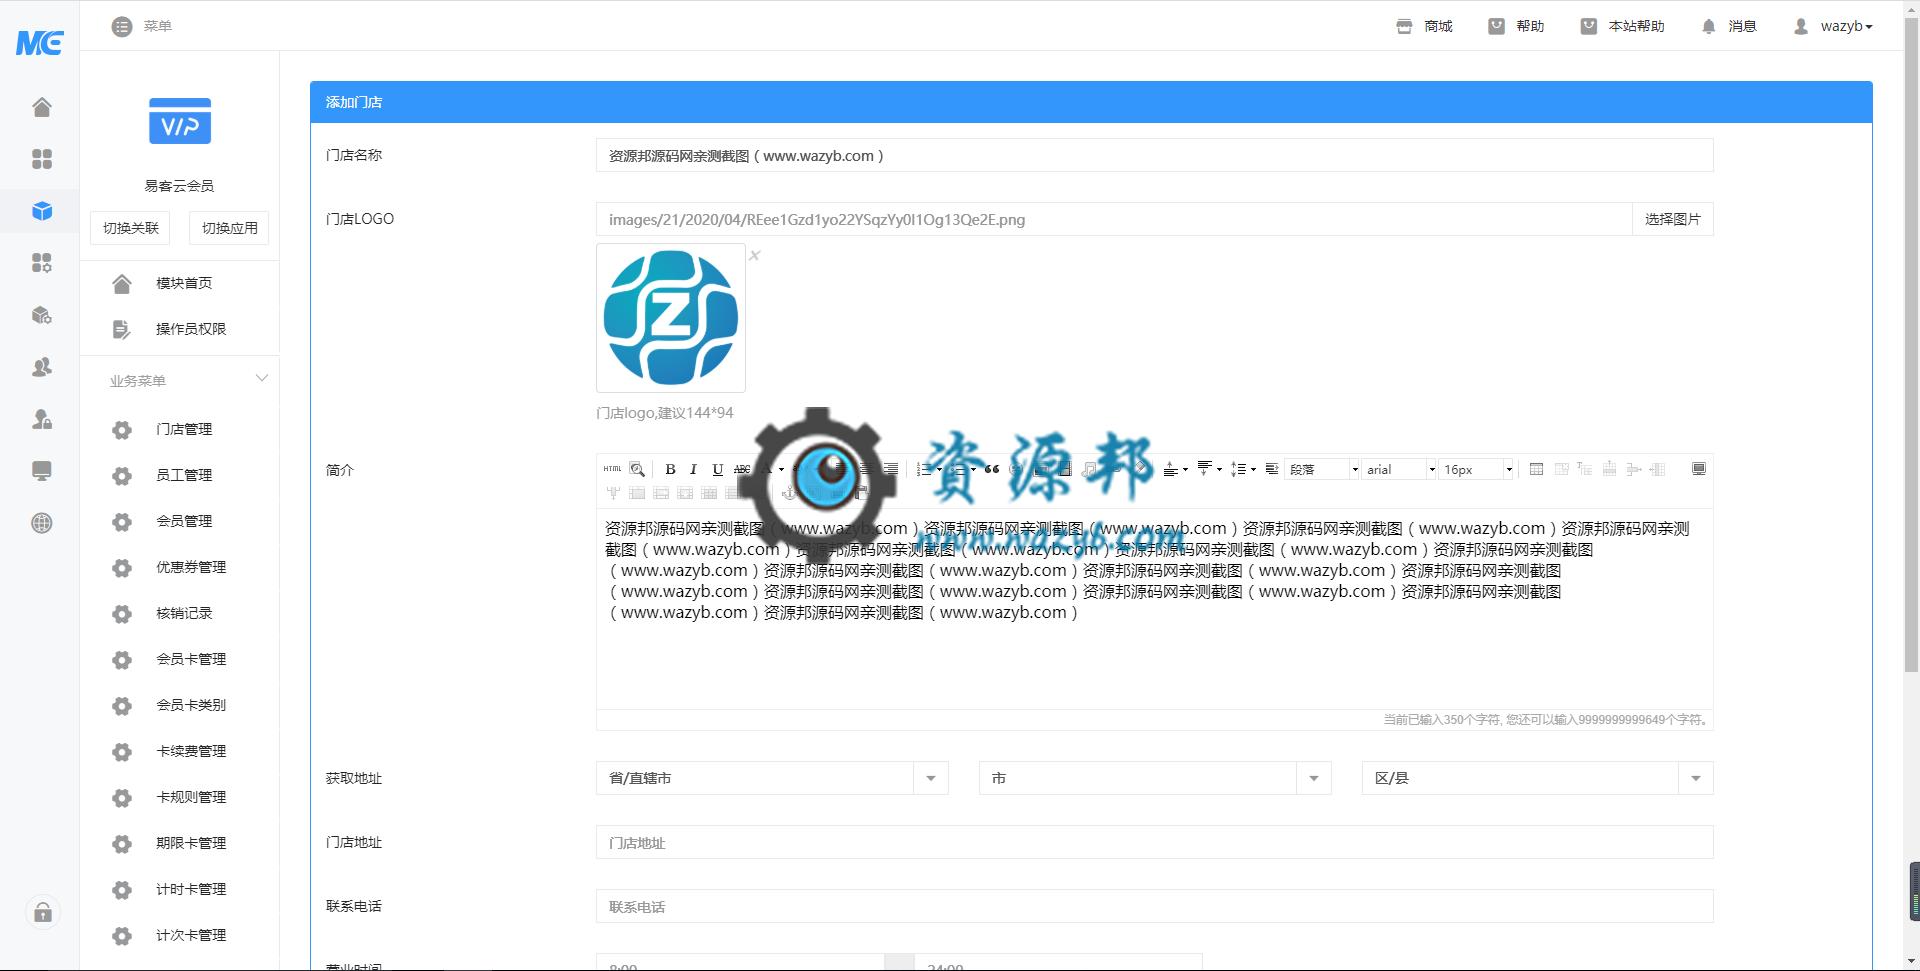 【微信小程序】易客云会员小程序V1.0.33安装包+小程序前端,修正商家端收款码无法收款的错误 小程序源码 第4张